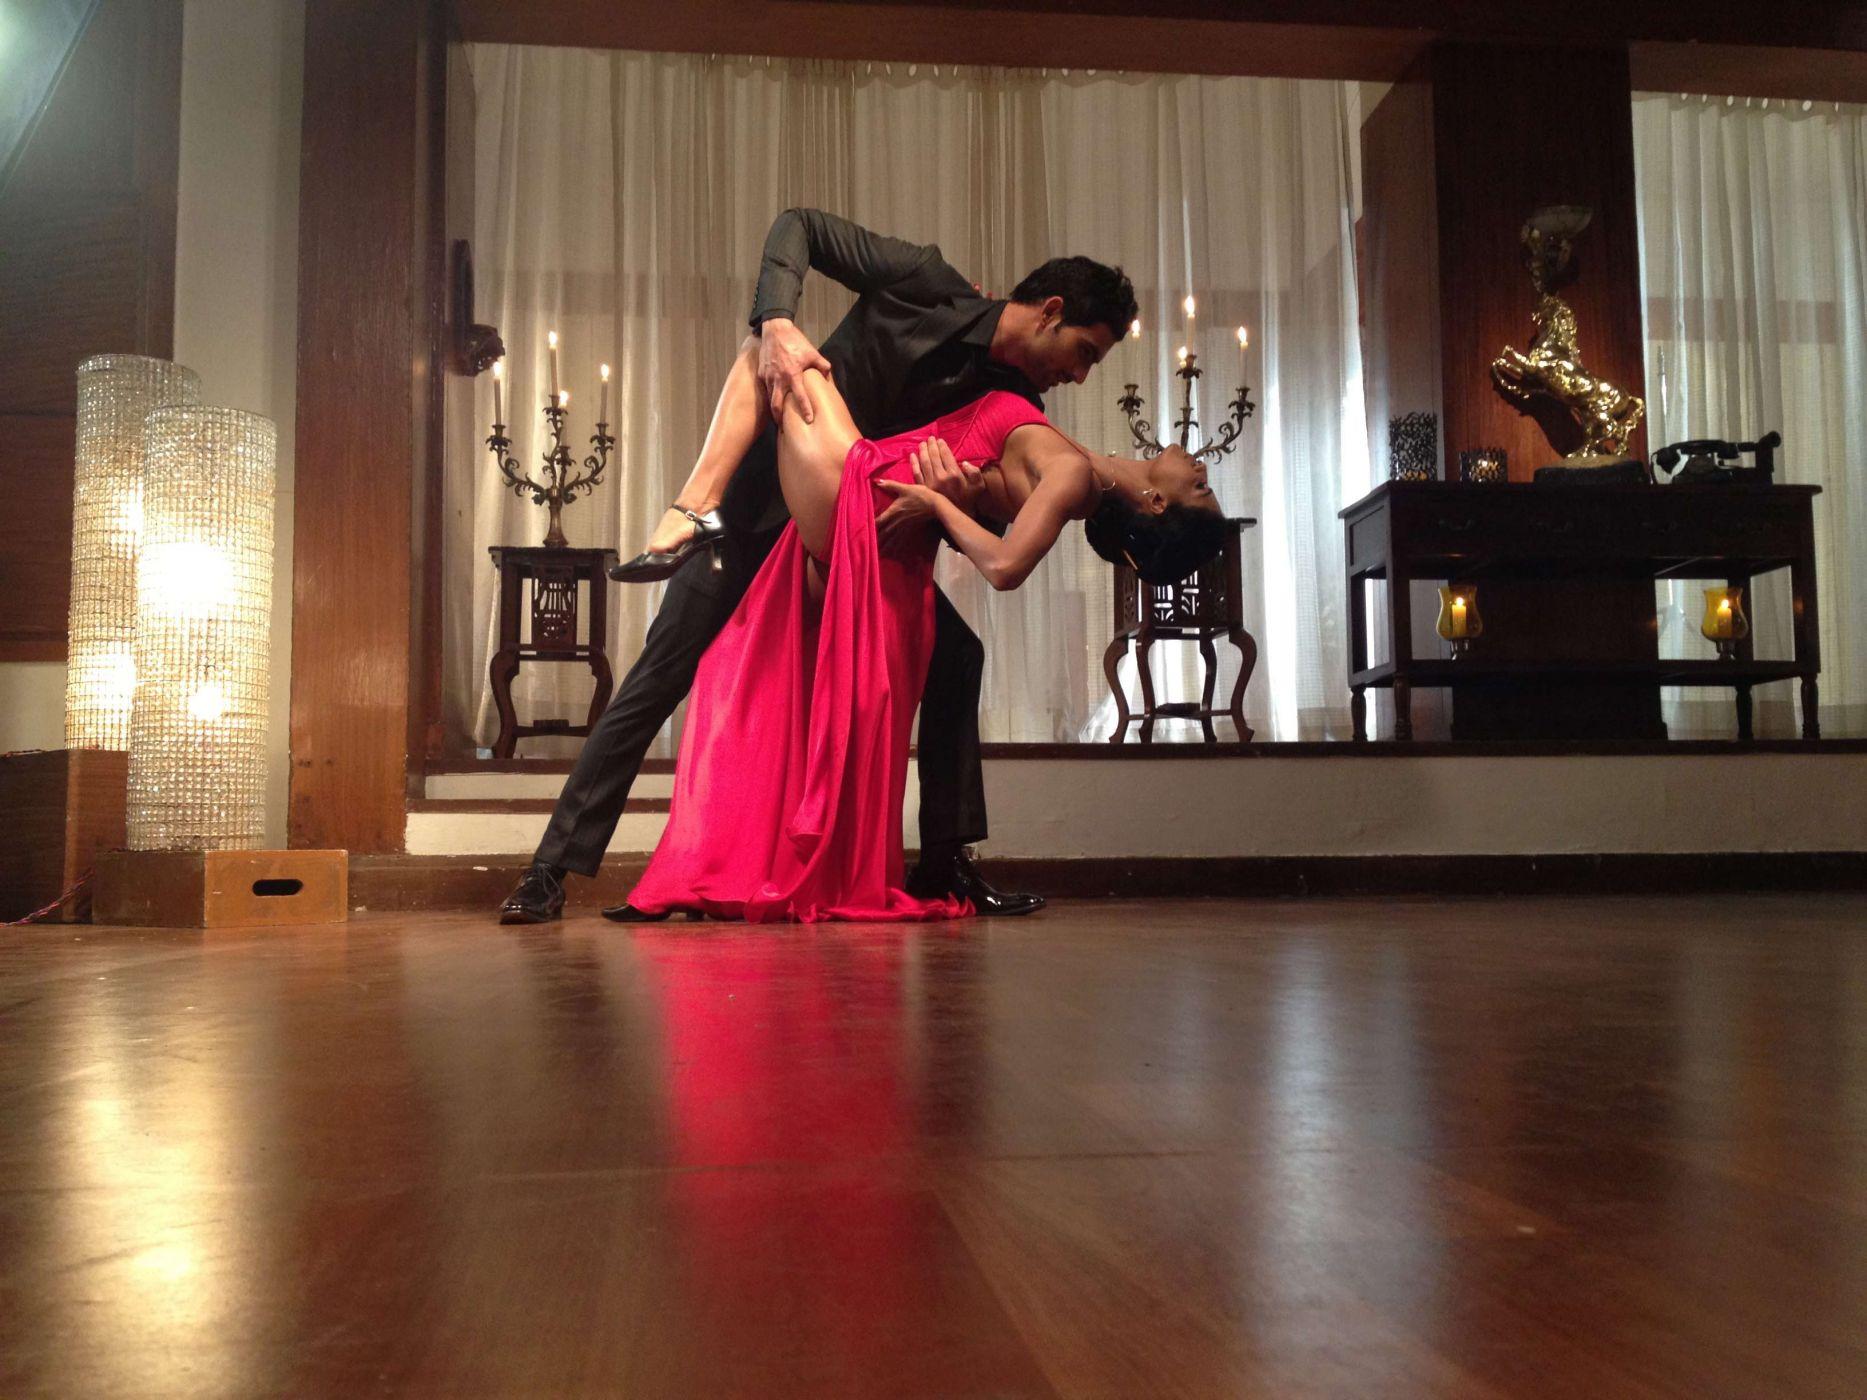 Страстный домашний танец видео видео